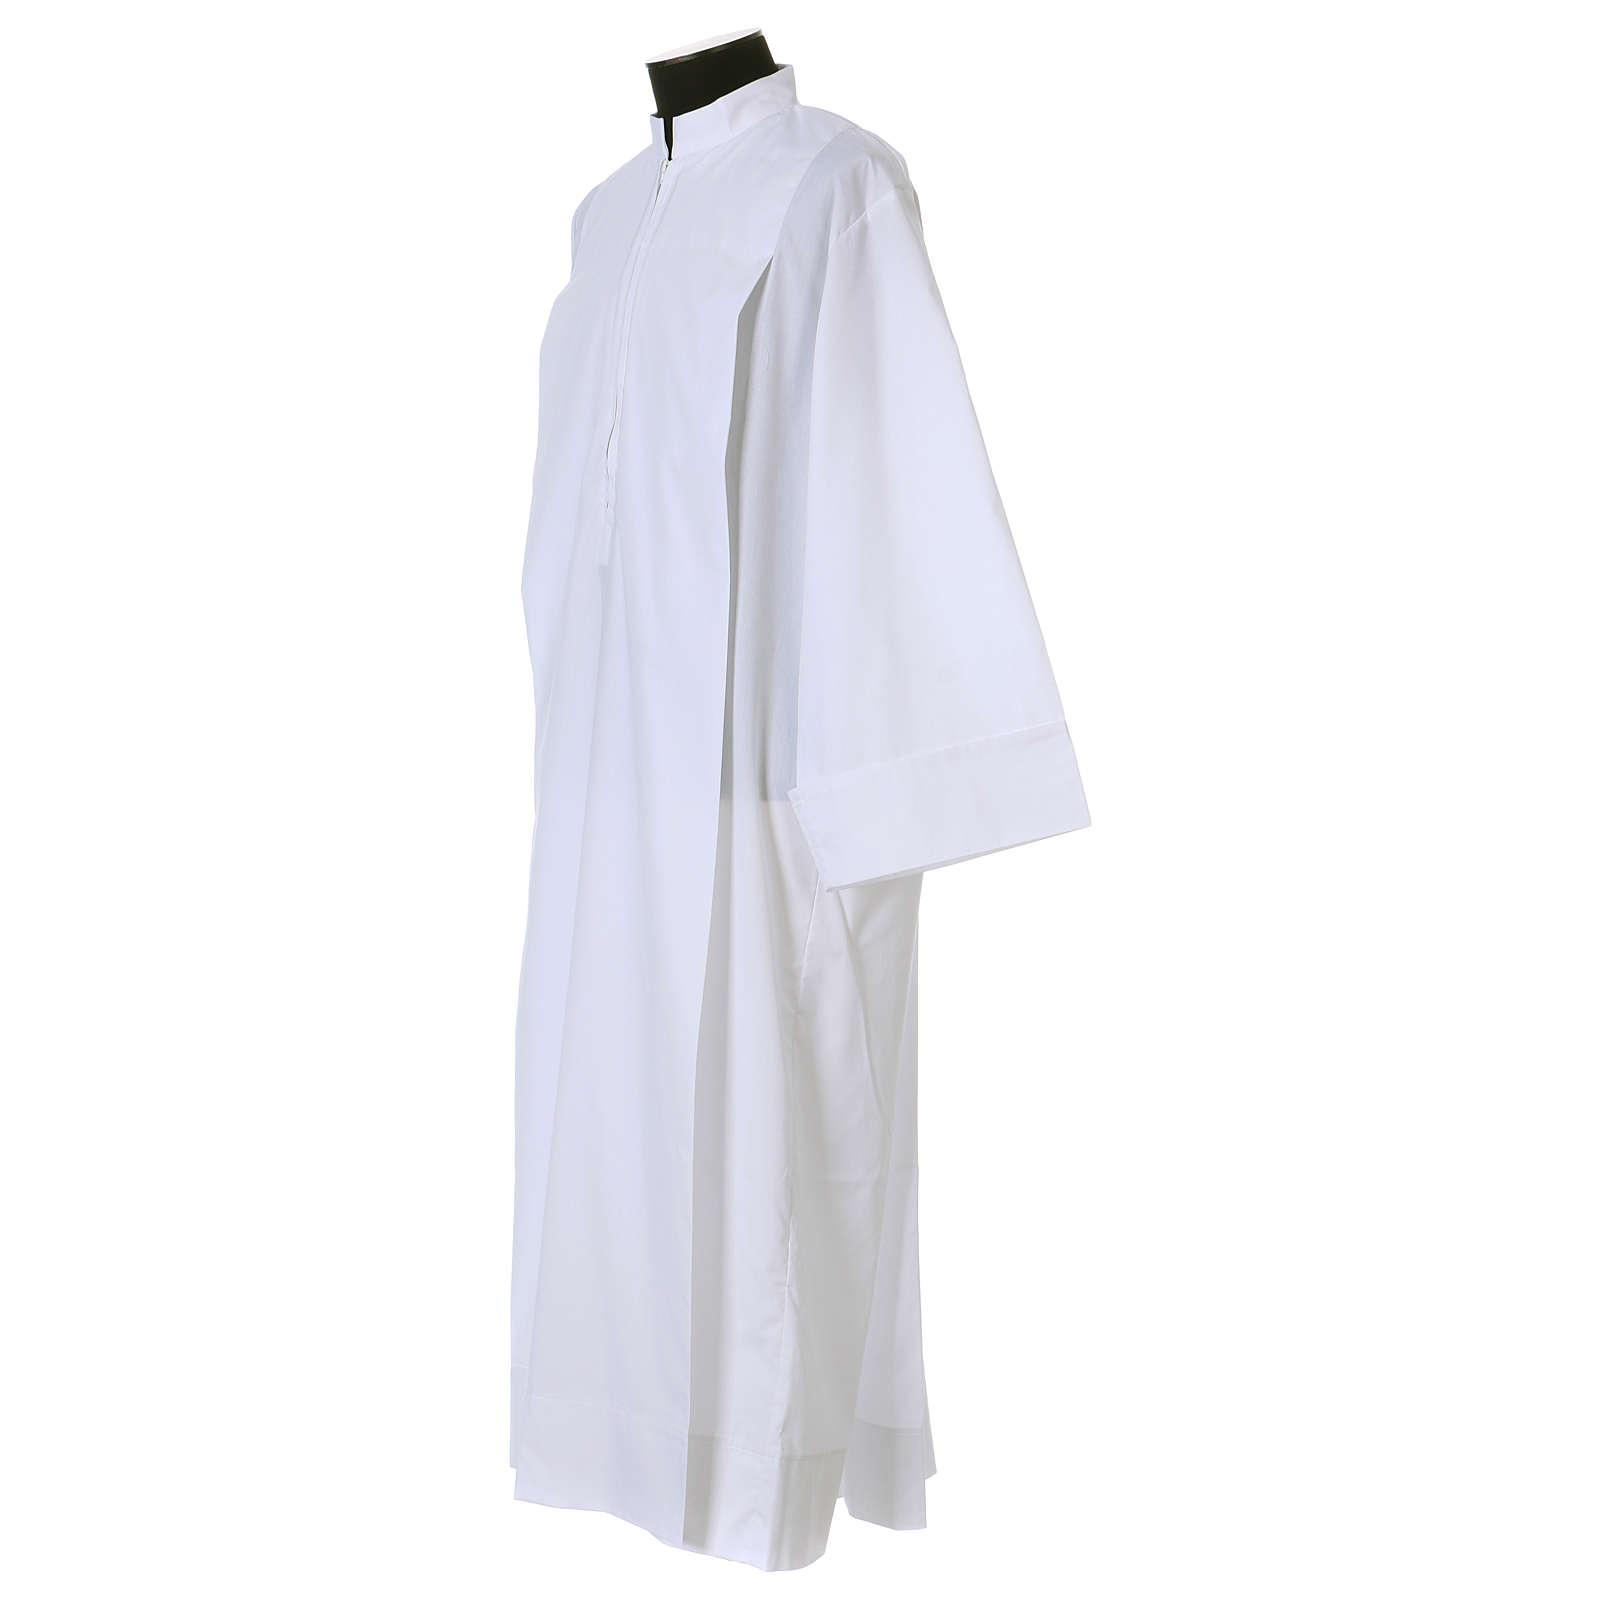 Camice bianco 65% poliestere 35% cotone due piegoni cerniera davanti 4